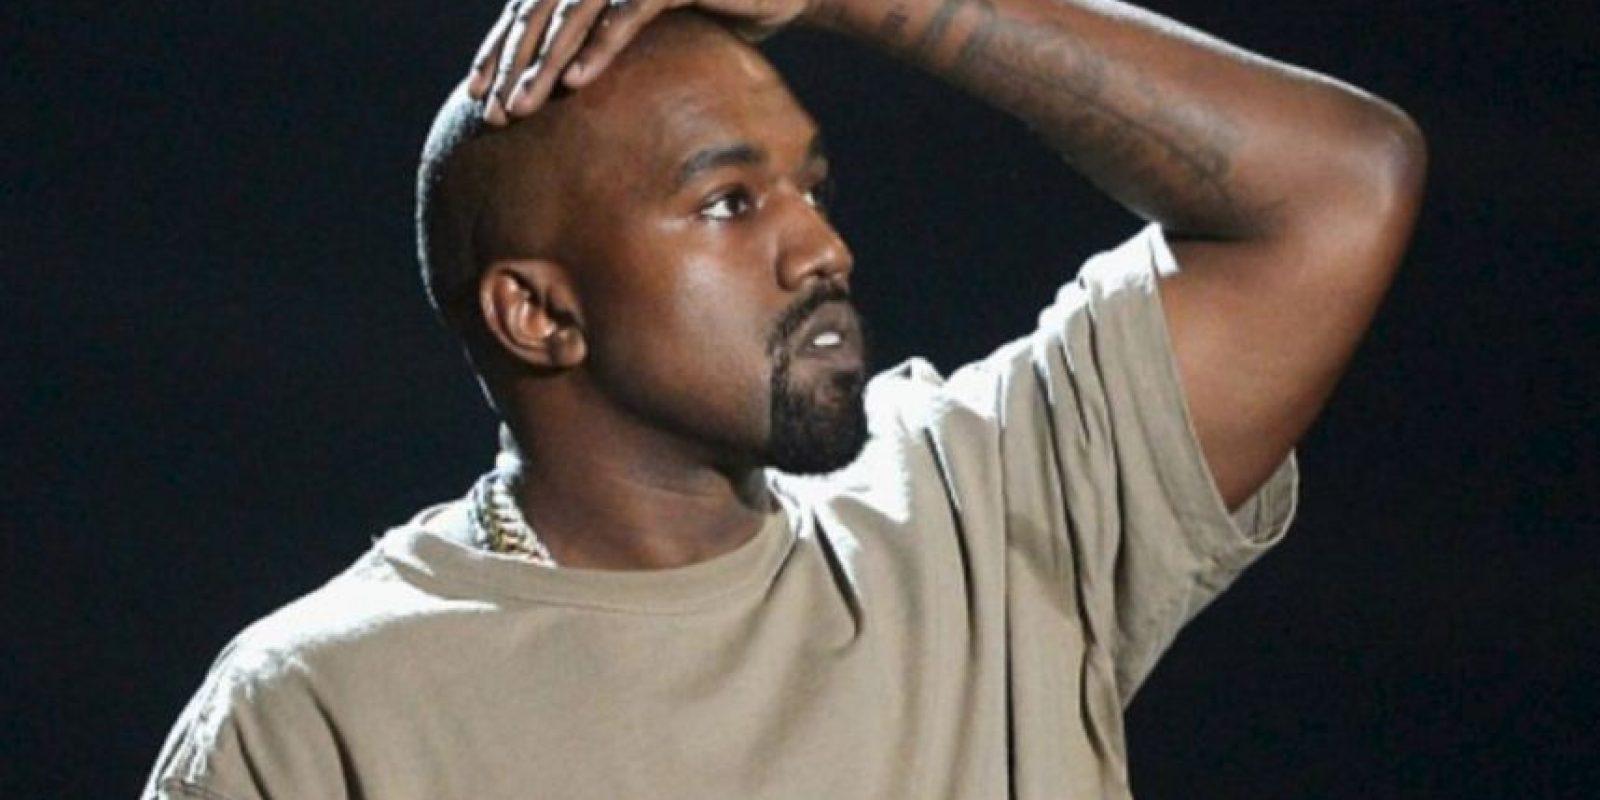 Kanye West tuvo un accidente de tráfico en 2002 y su madre murió en 2007 por una cirugía estética. Foto:vía Getty Images